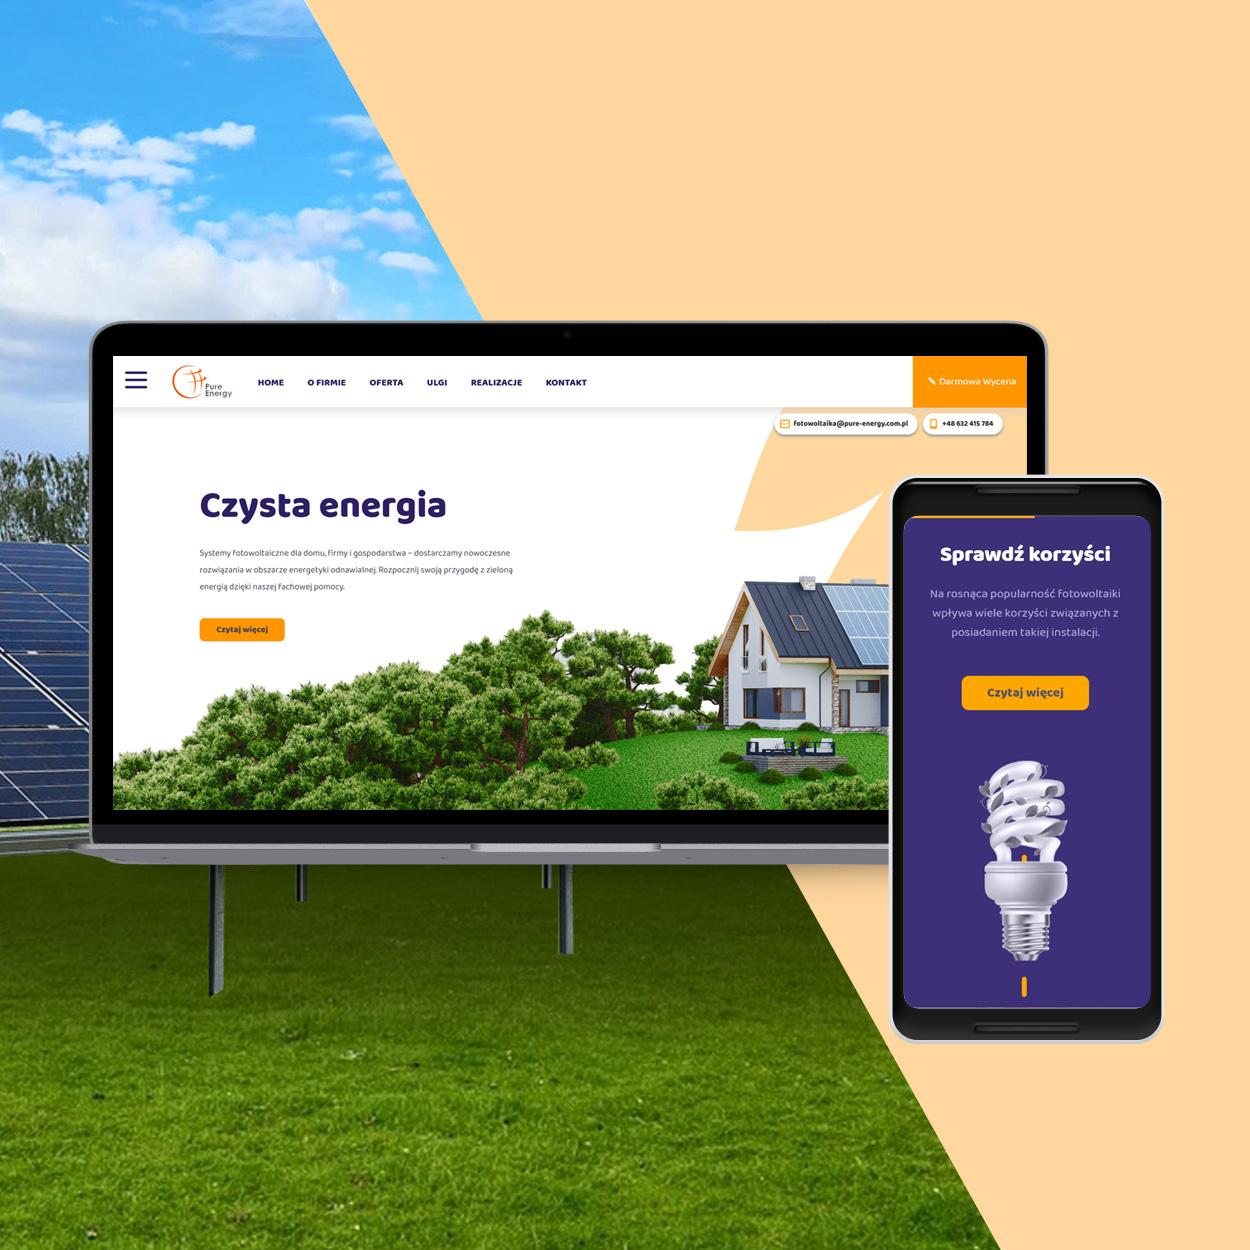 projektowanie strona www dla firmy fotowoltaika pv pure energy - Strona internetowa dla firmy fotowoltaika / OZE - Pure Energy